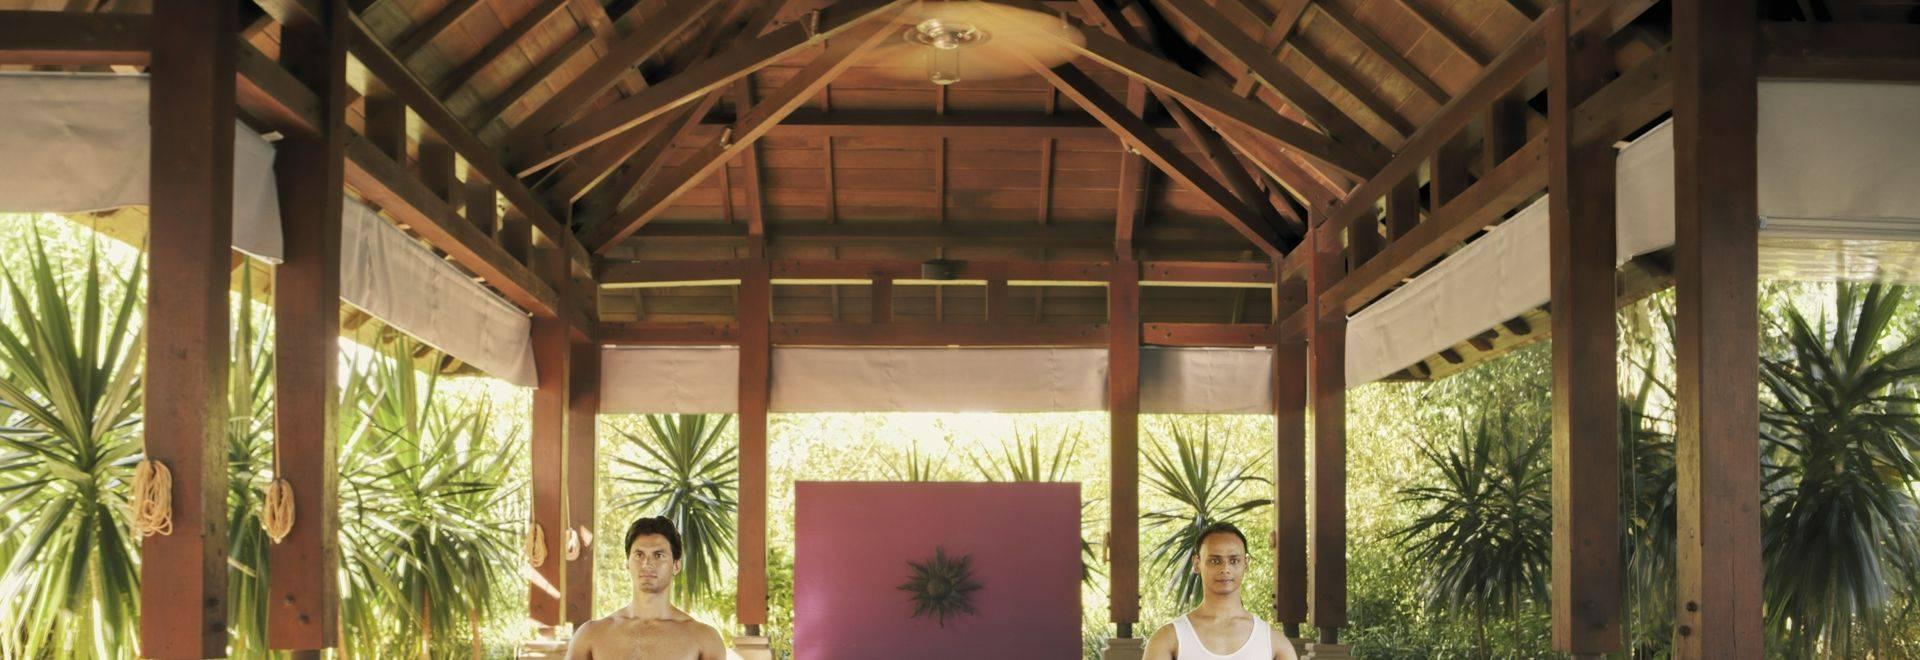 Shanti-Maurice-yoga-pavilion.jpg